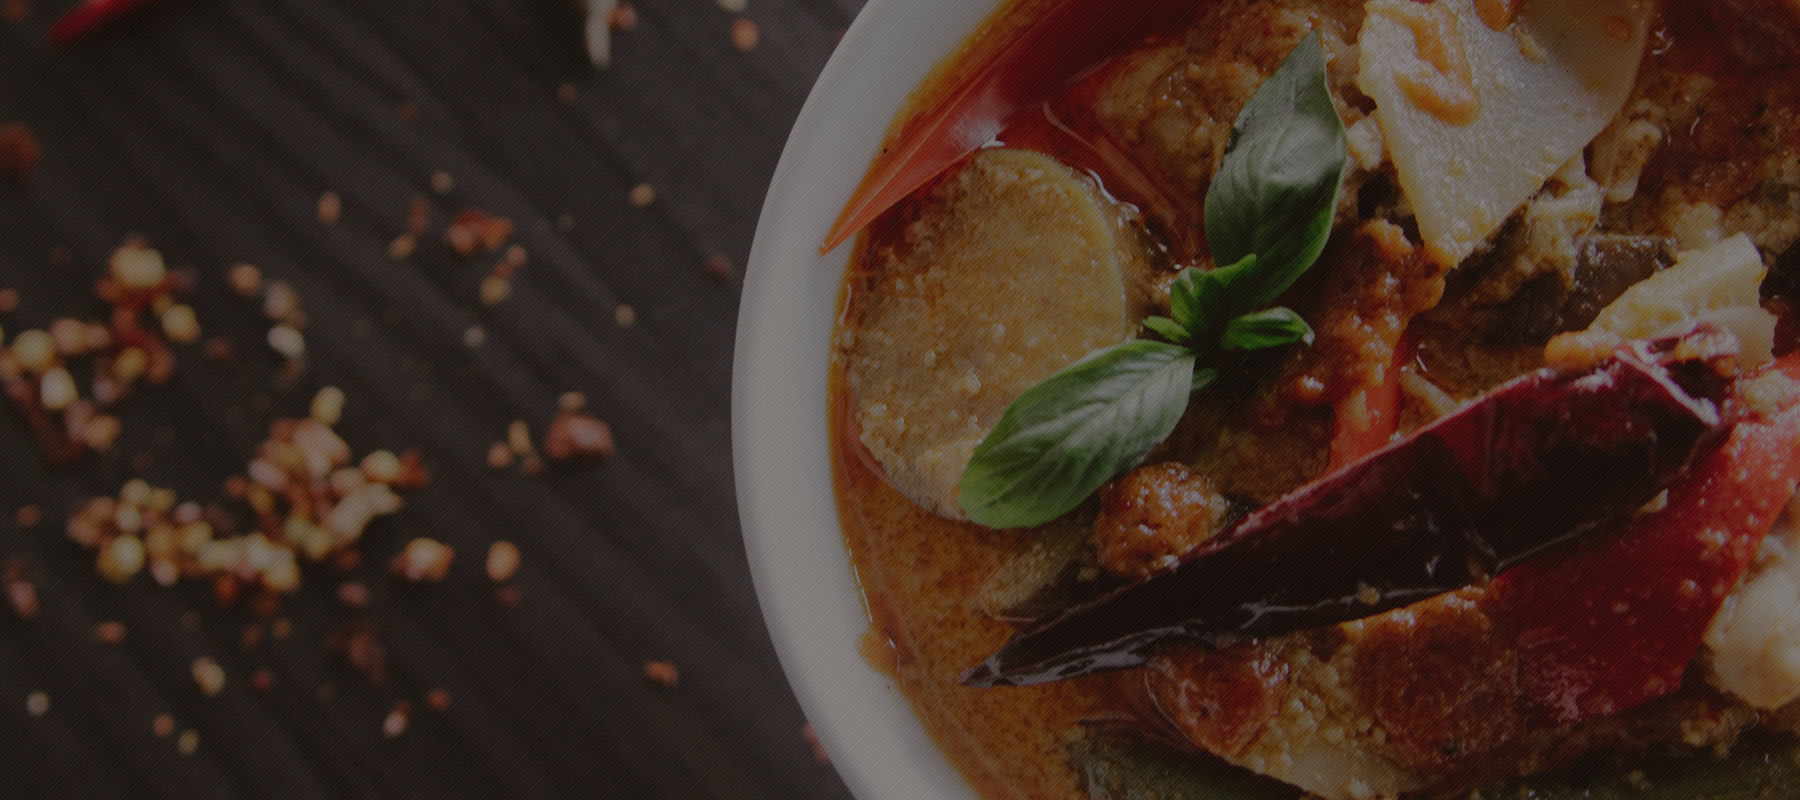 ディーエヌエス株式会社|クラウド配信型デジタルサイネージ、TOTO CUBE(トトキューブ)、i Chef(アイシェフ)イメージ写真